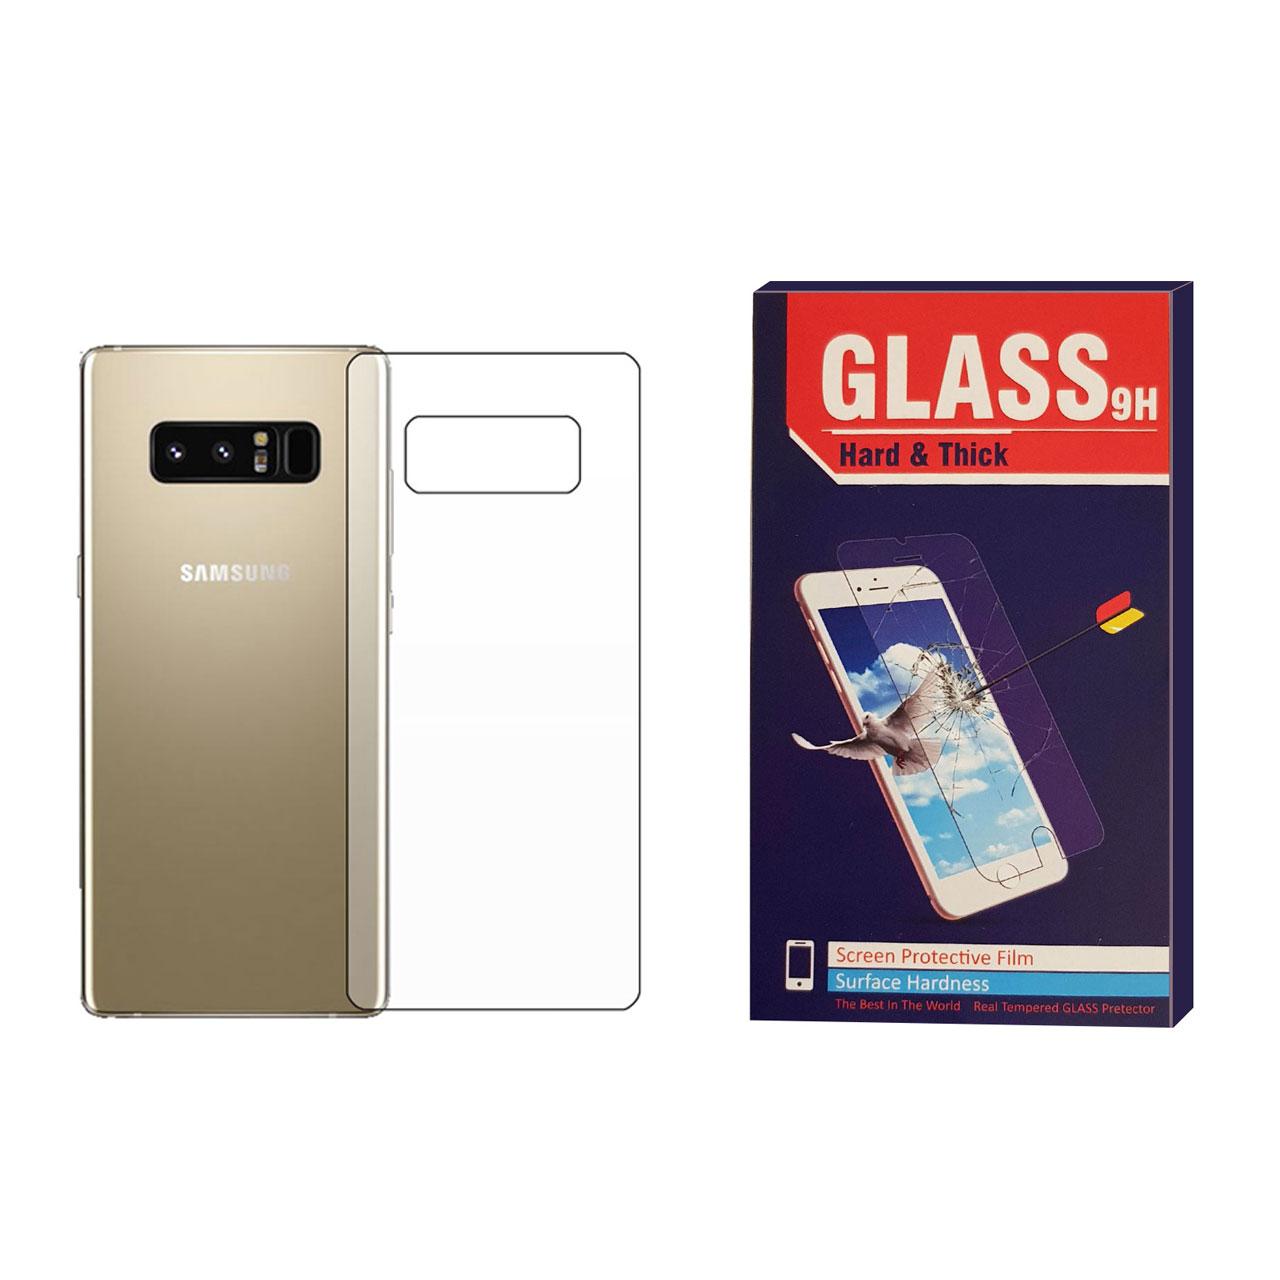 محافظ پشت گوشی تی پی یو hard and thick مدل f005 مناسب برای گوشی موبایل سامسونگ Galaxy Note 8